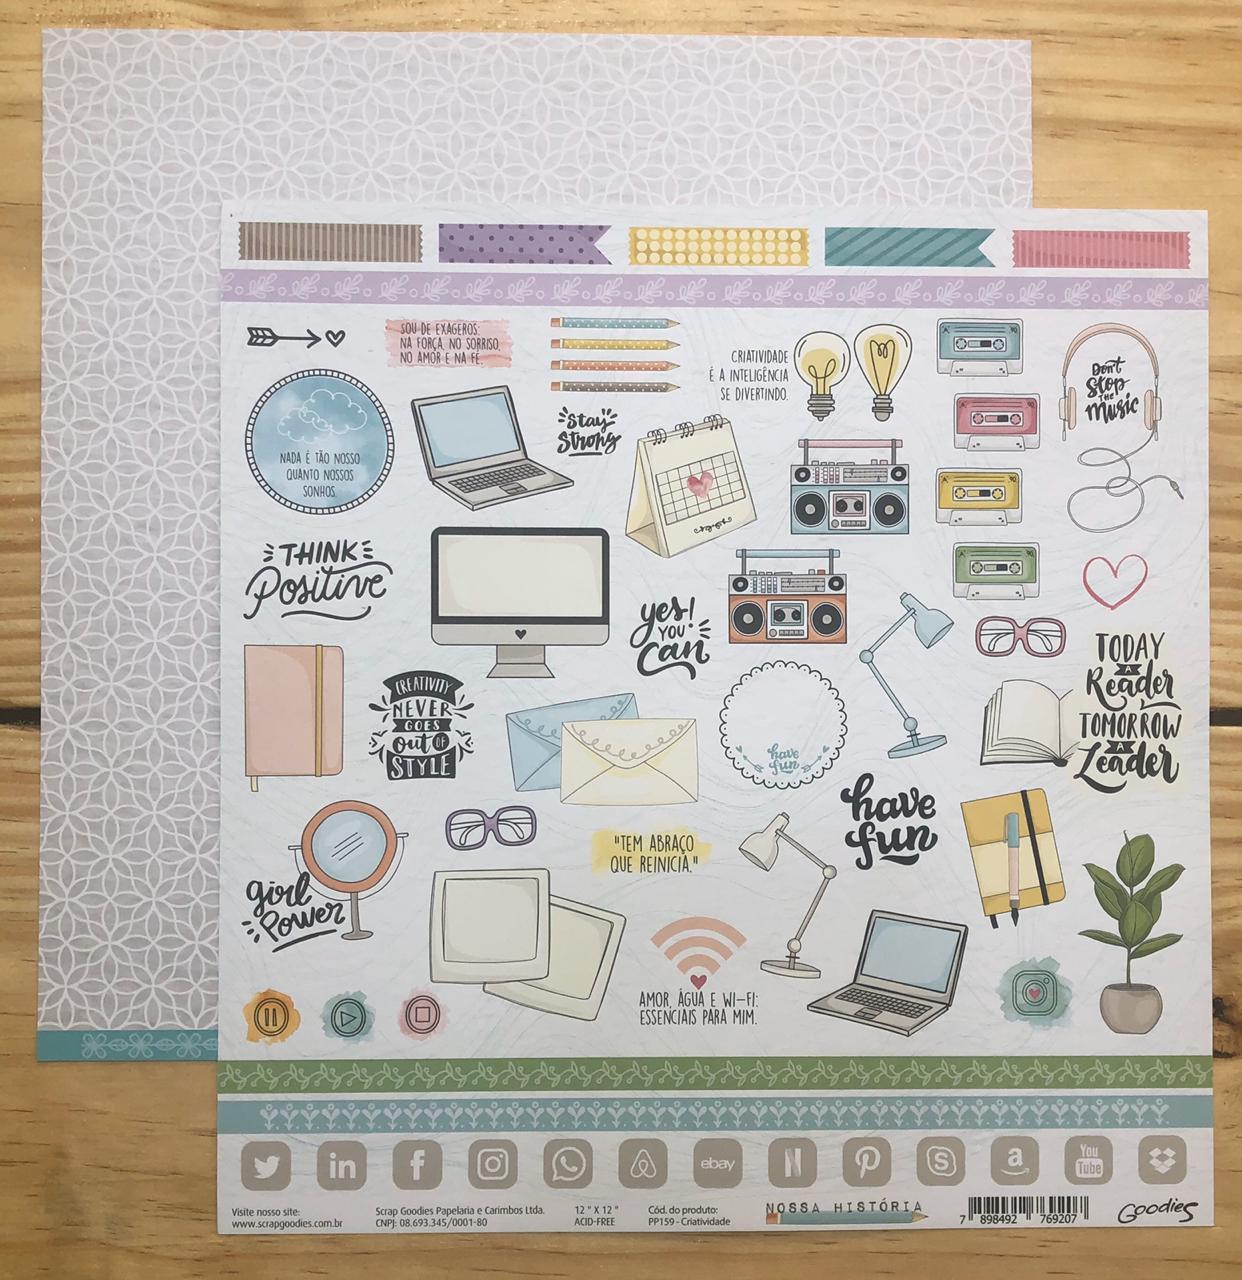 PP159 - Papel Scrap - Criatividade - Coleção Nossa História - Goodies